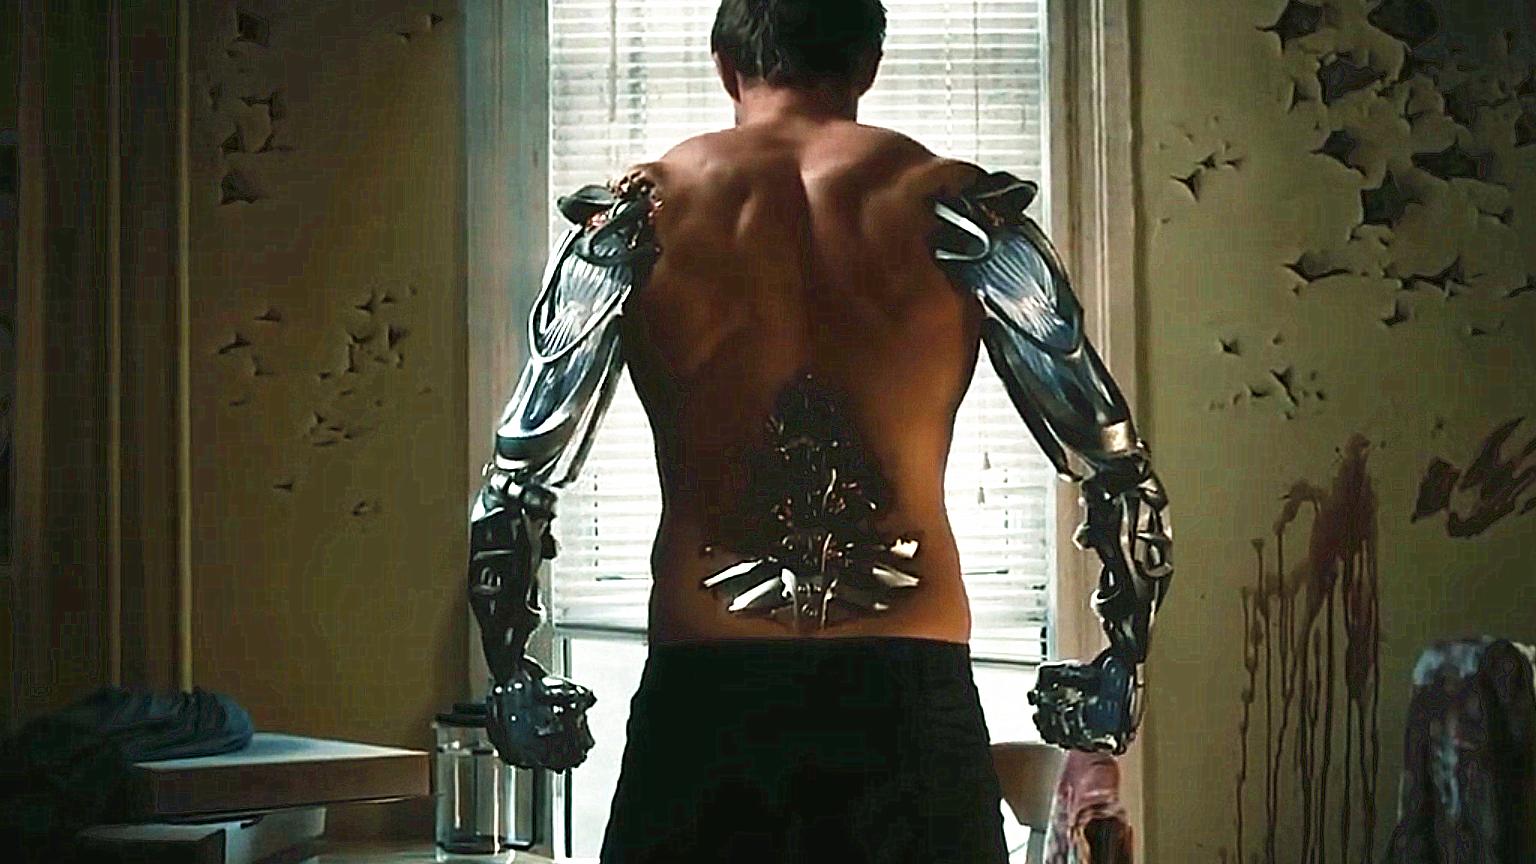 小伙一觉醒来,发现胳膊变成了机械臂,还意外获得了超能力!